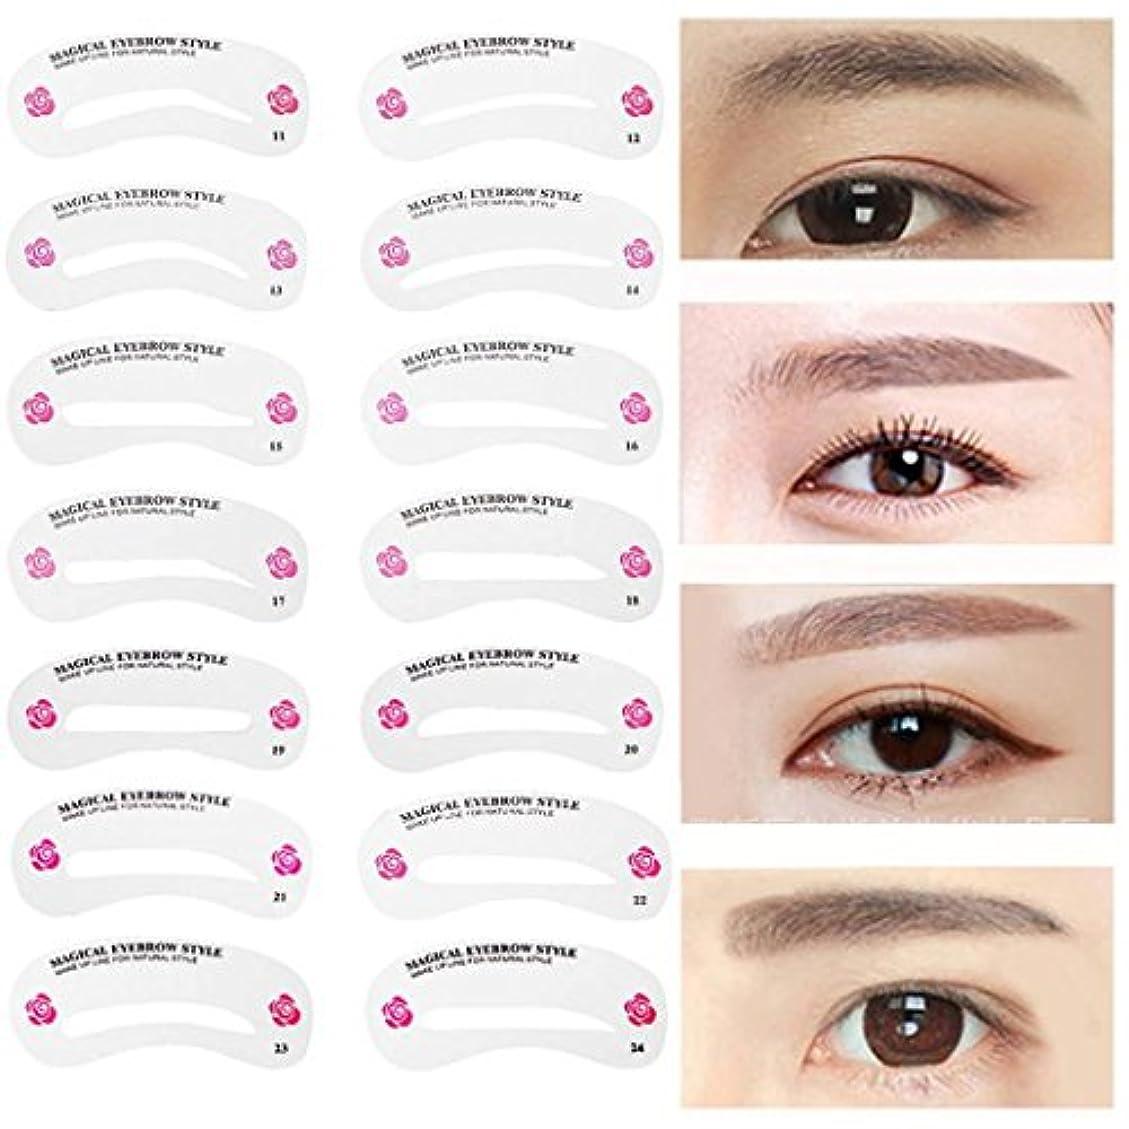 卵豊富なアッパーMNoel 24種類 眉毛テンプレート24枚セット 太眉対応 24パターン 眉毛を気分で使い分け 眉用ステンシル